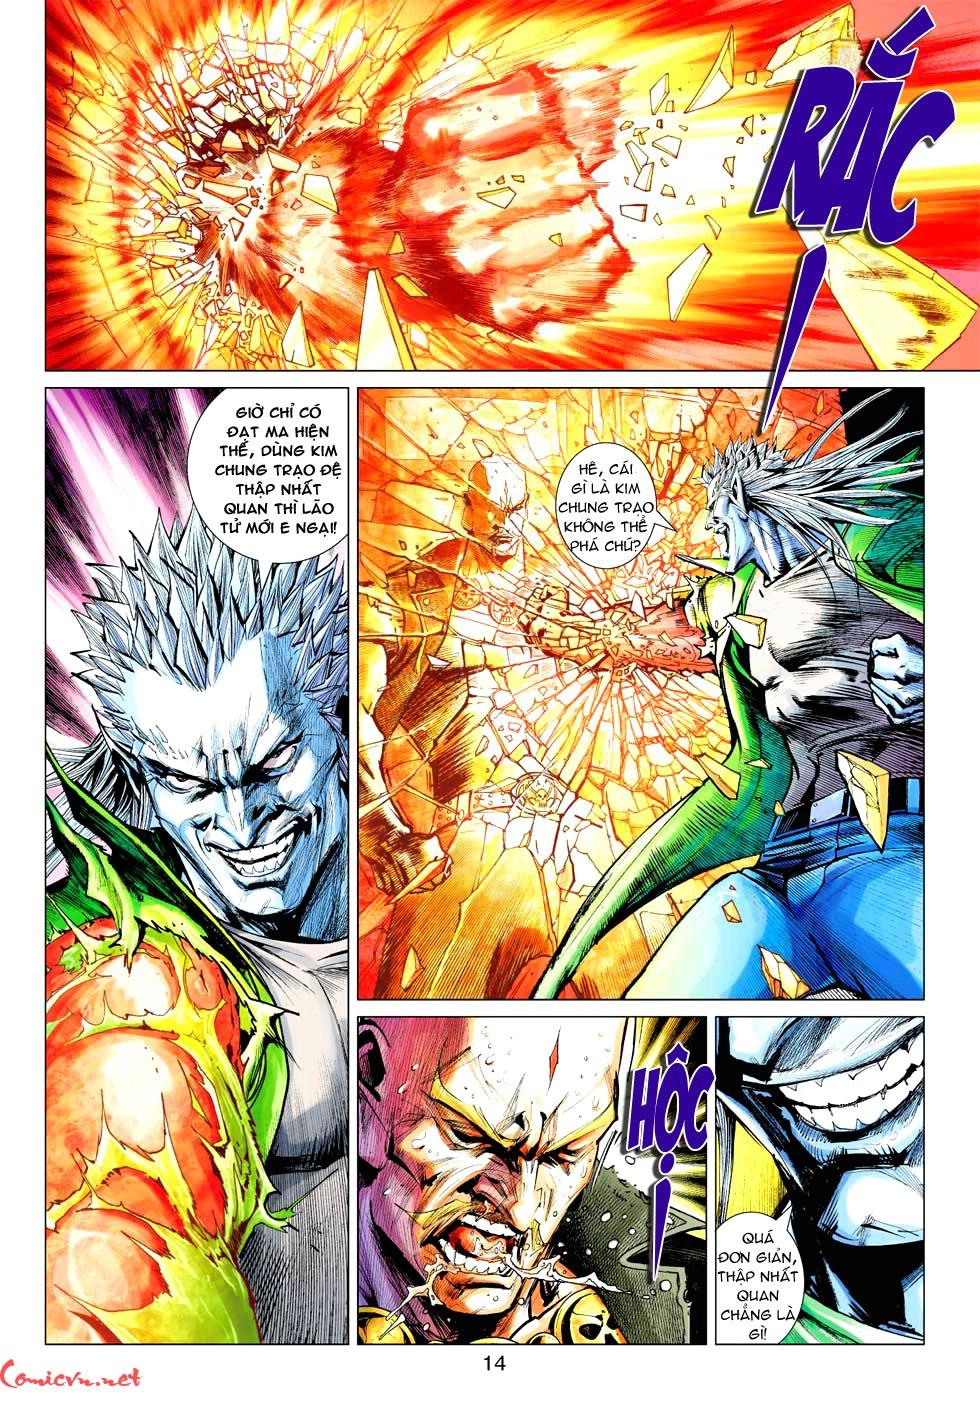 Vương Phong Lôi 1 chap 37 - Trang 5